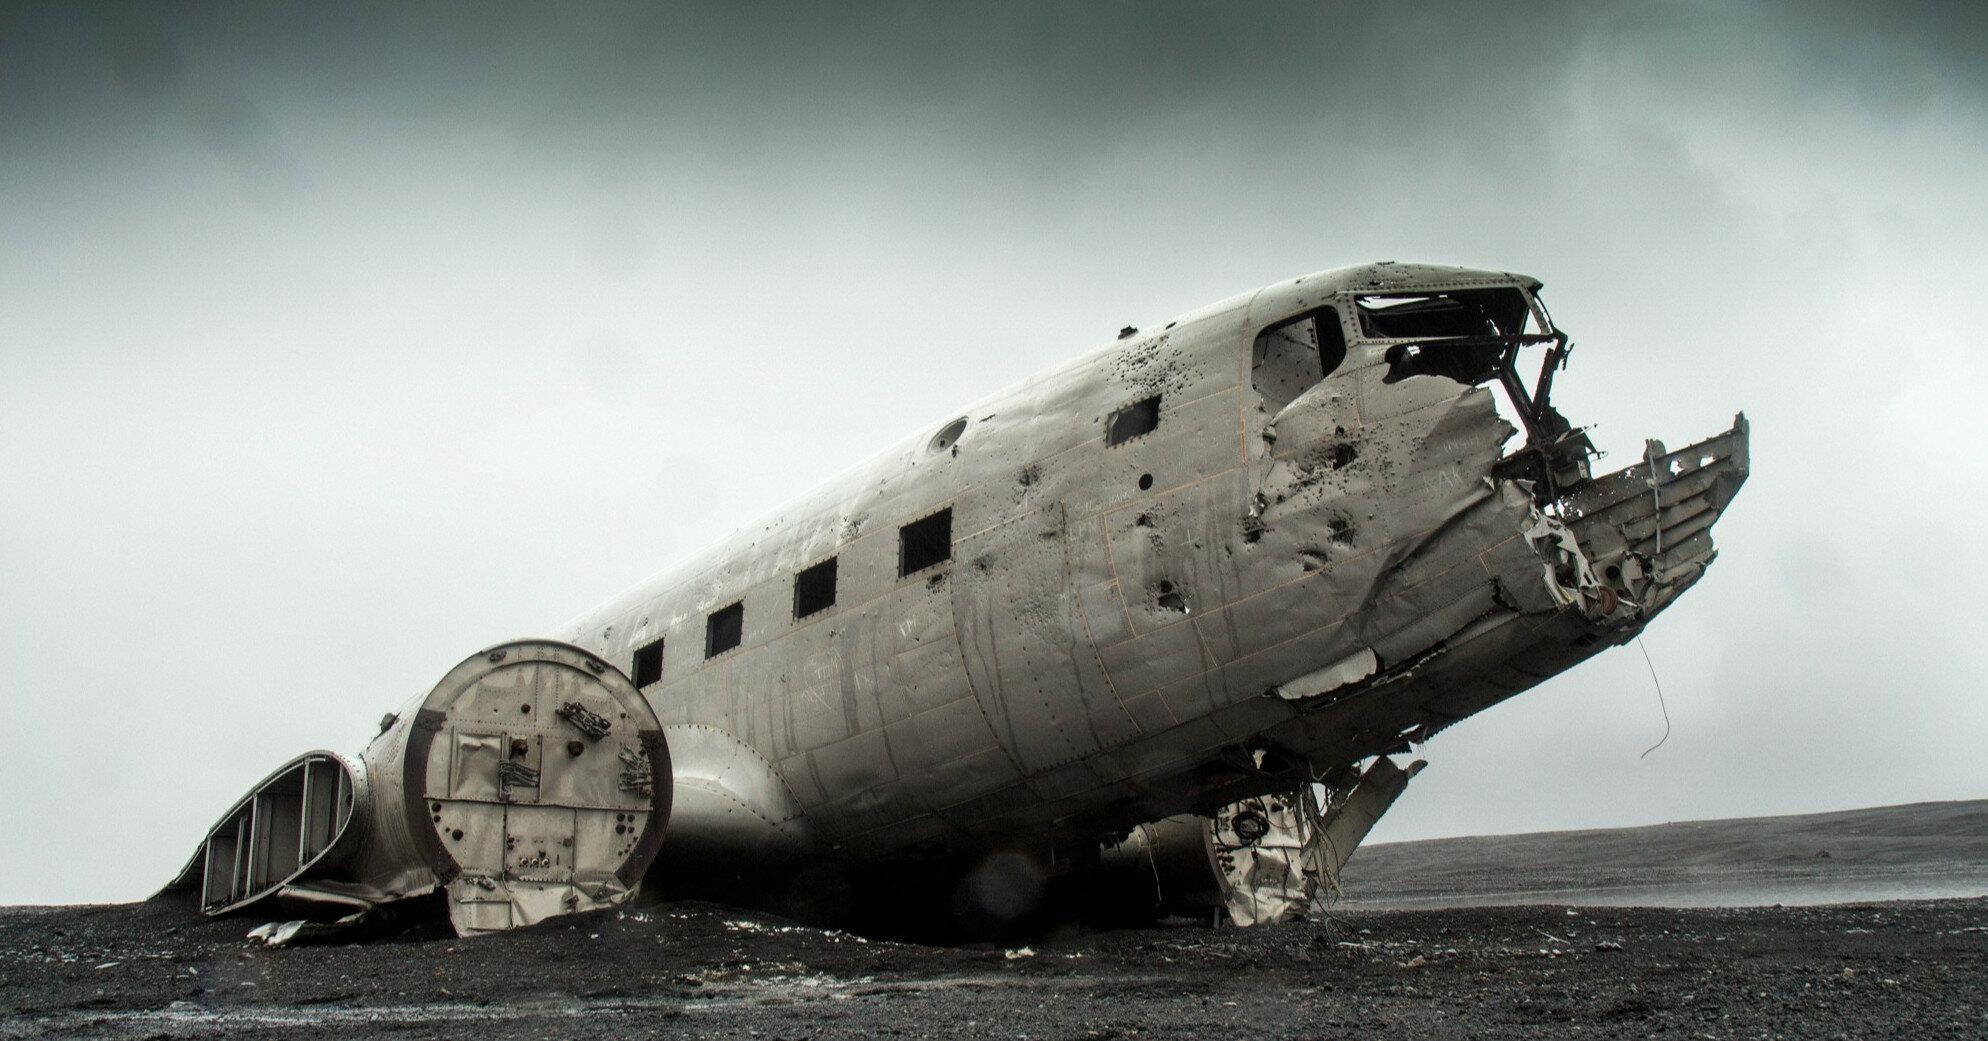 Иран пообещал предоставить Украине материалы дела о сбитом Boeing